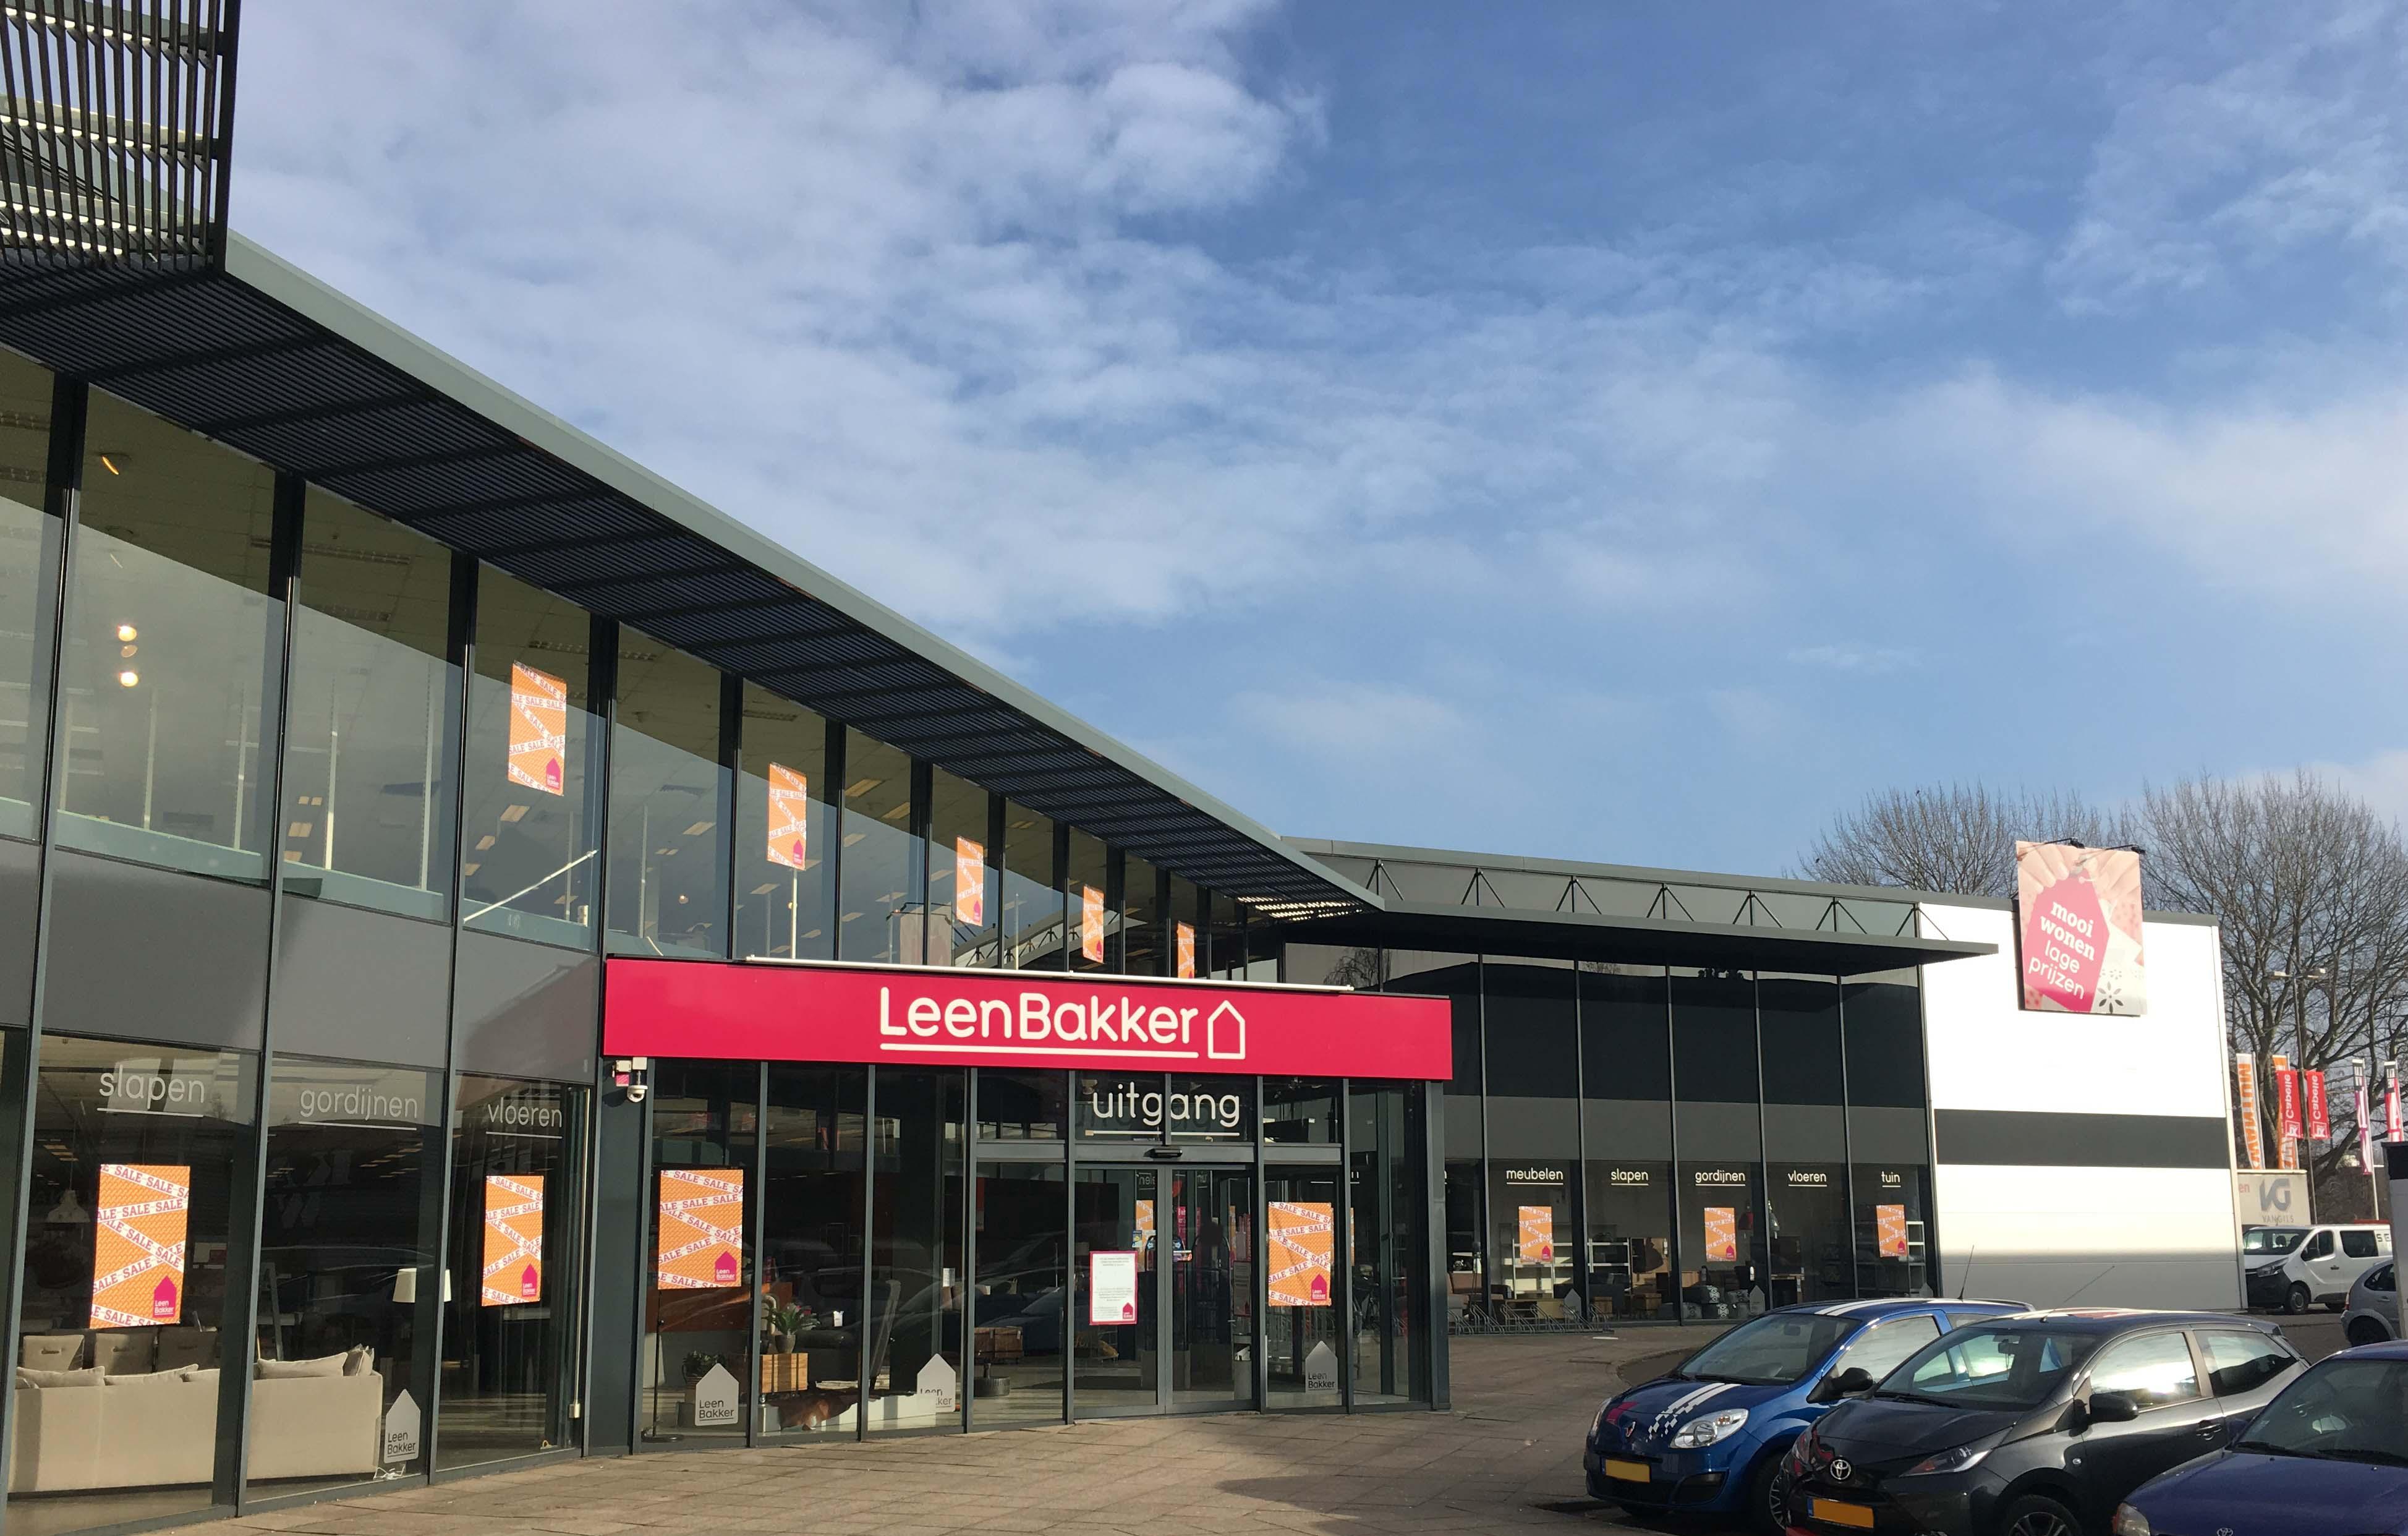 Lylantsebaan - Westpoort